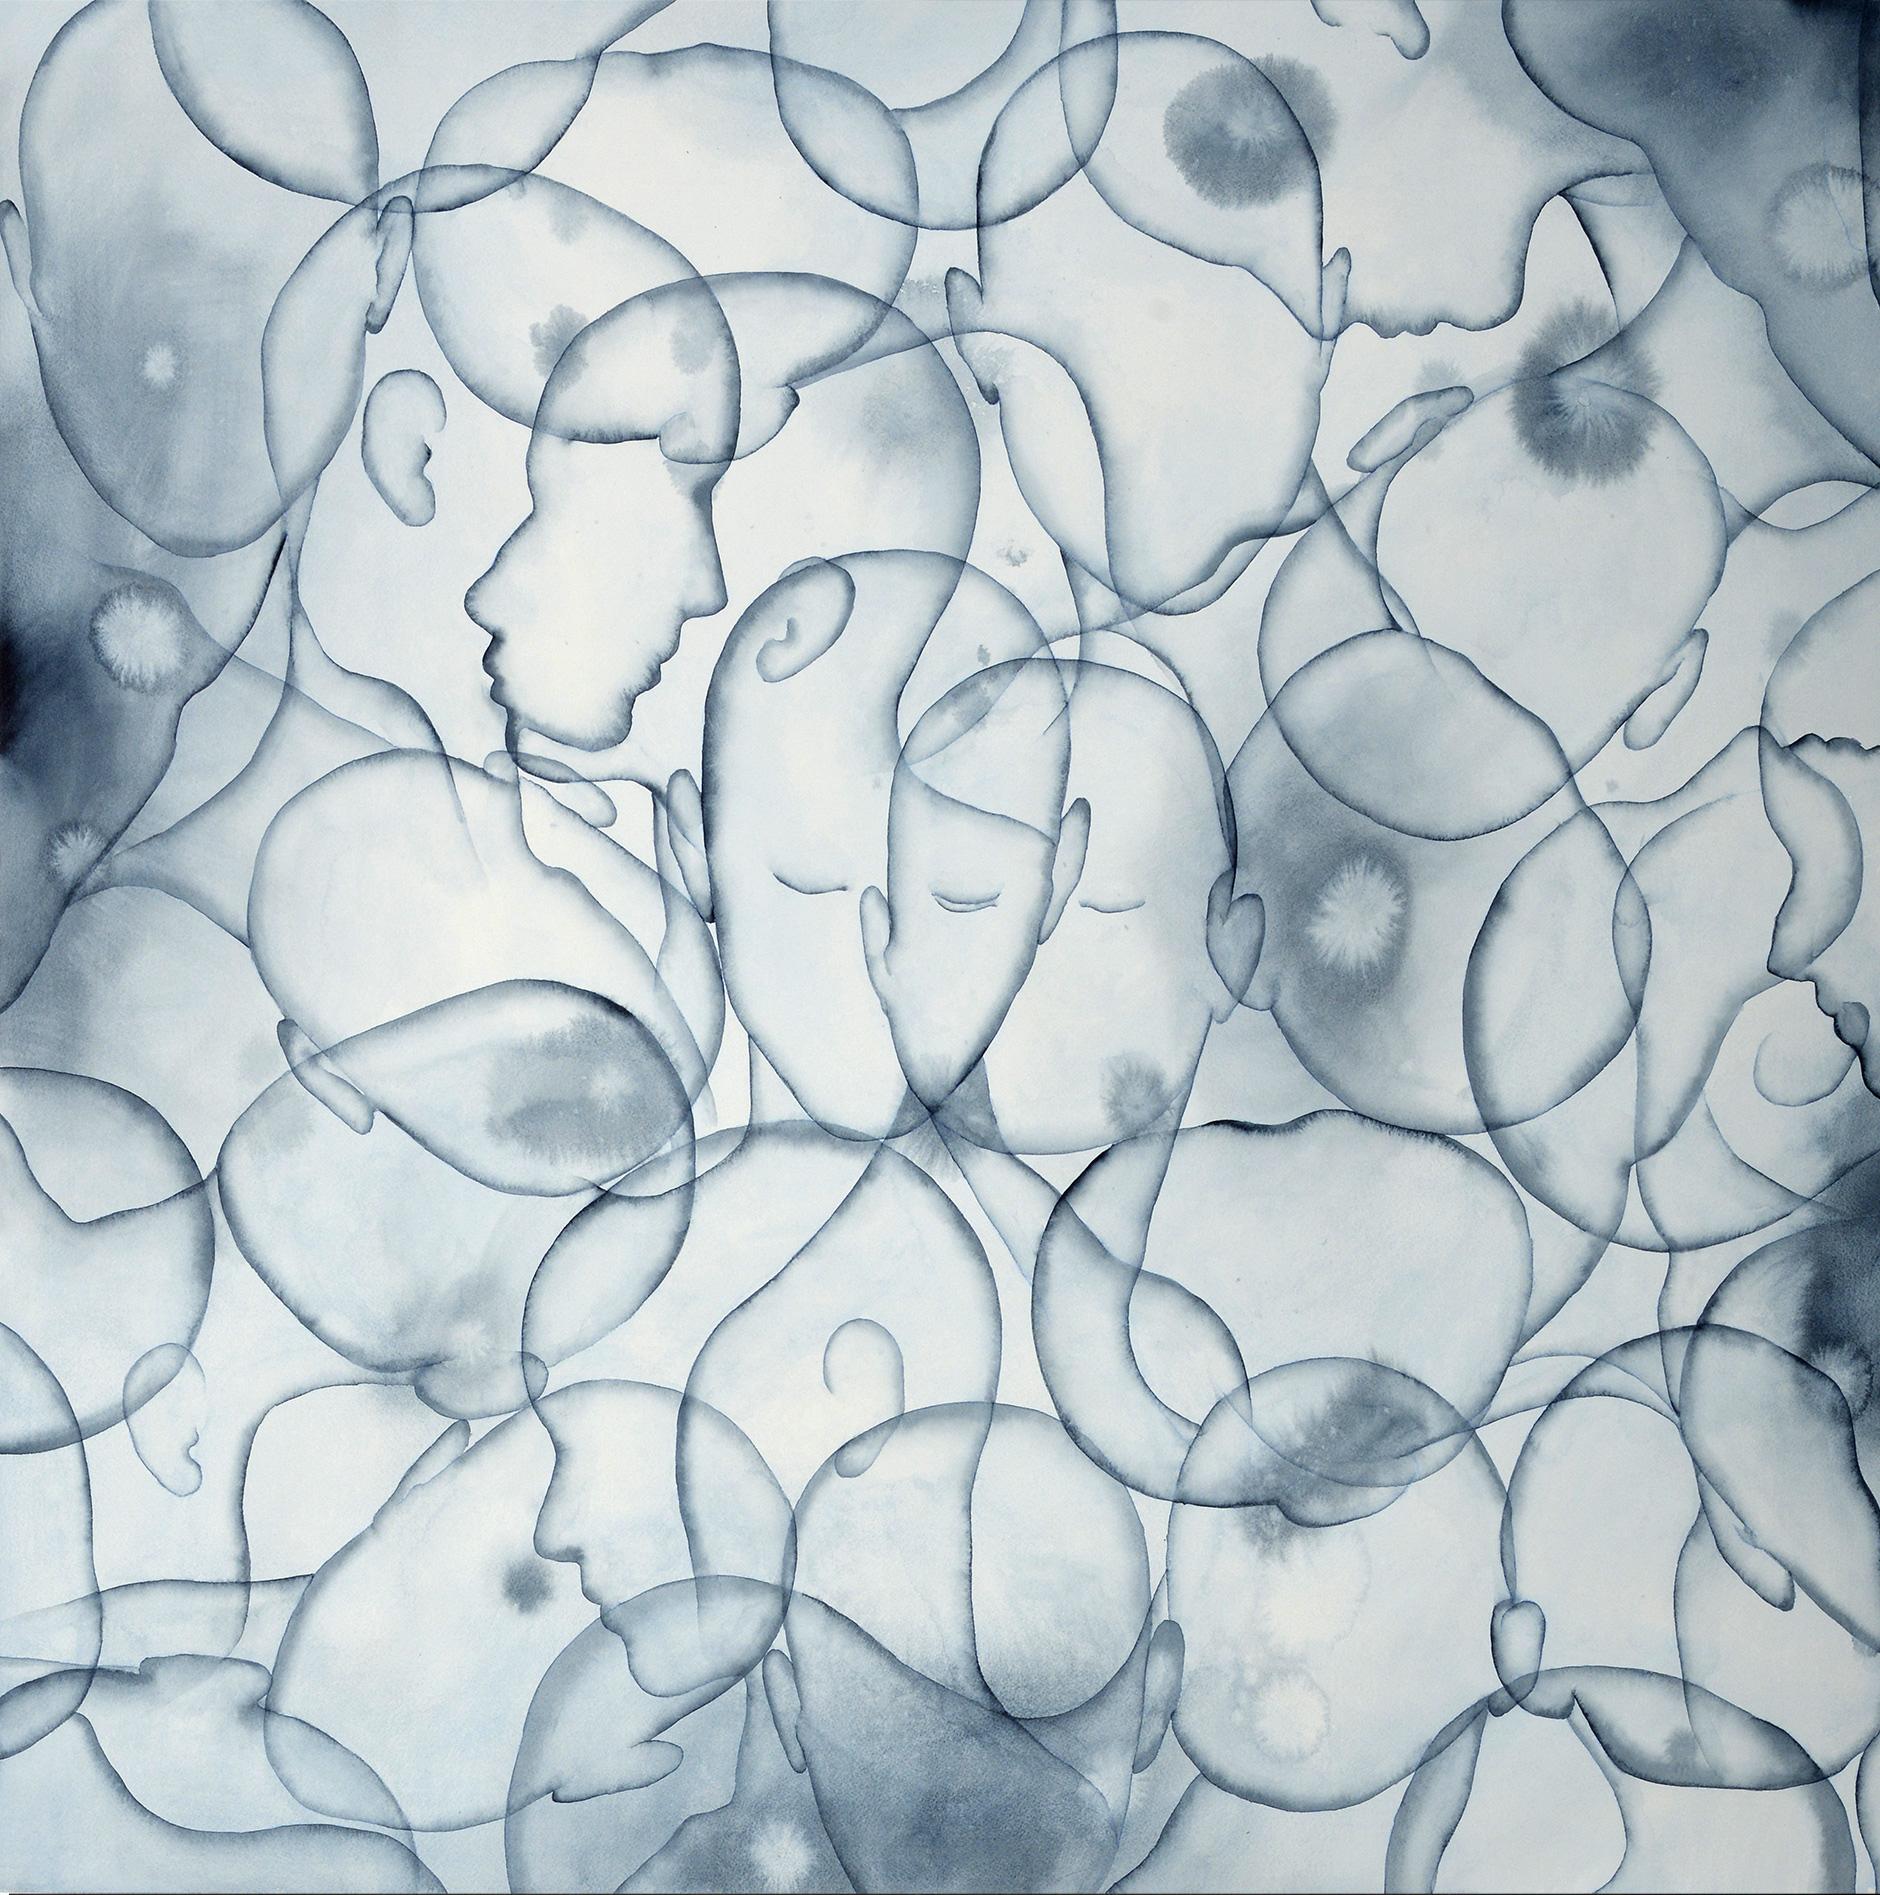 Stefano Bolzano, Coesistendo, acquerello su carta, 88,5x81,5 cm, 2020.